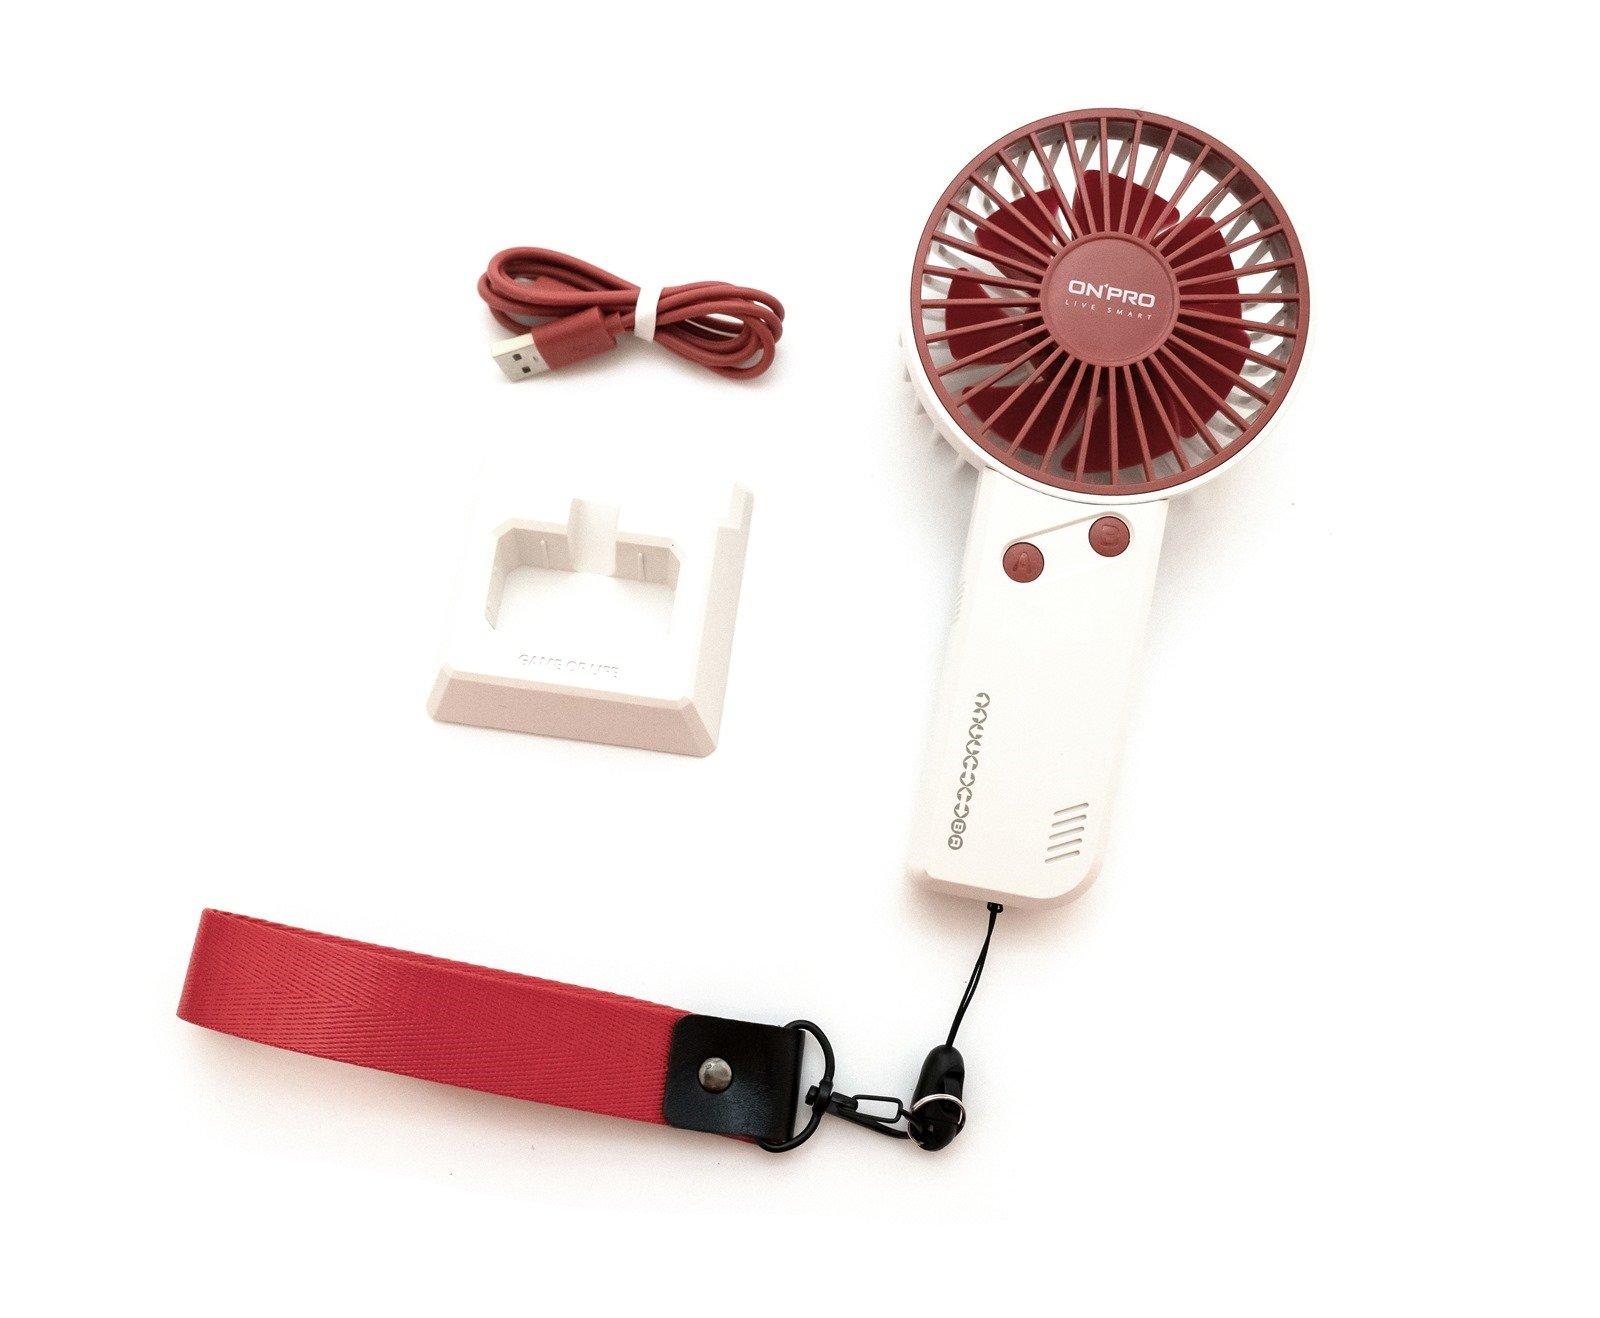 隨身小風扇推薦 UF-iFun,ONPRO 涼夏復刻經典紅白機趣玩樣式「任天風」@3C 達人廖阿輝